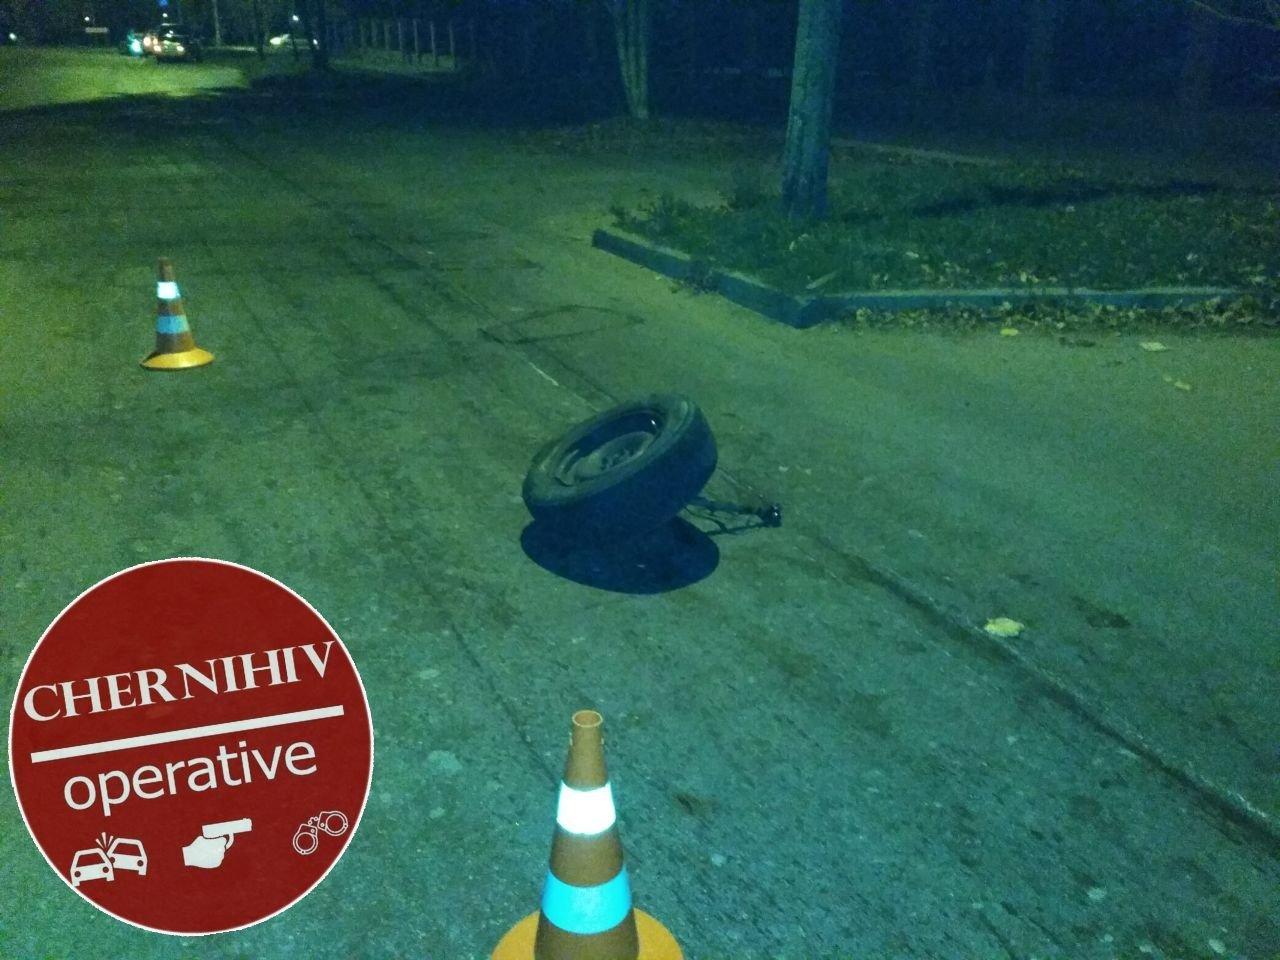 Сбегая от полиции потерял колесо: в Чернигове очередное ДТП, фото-12